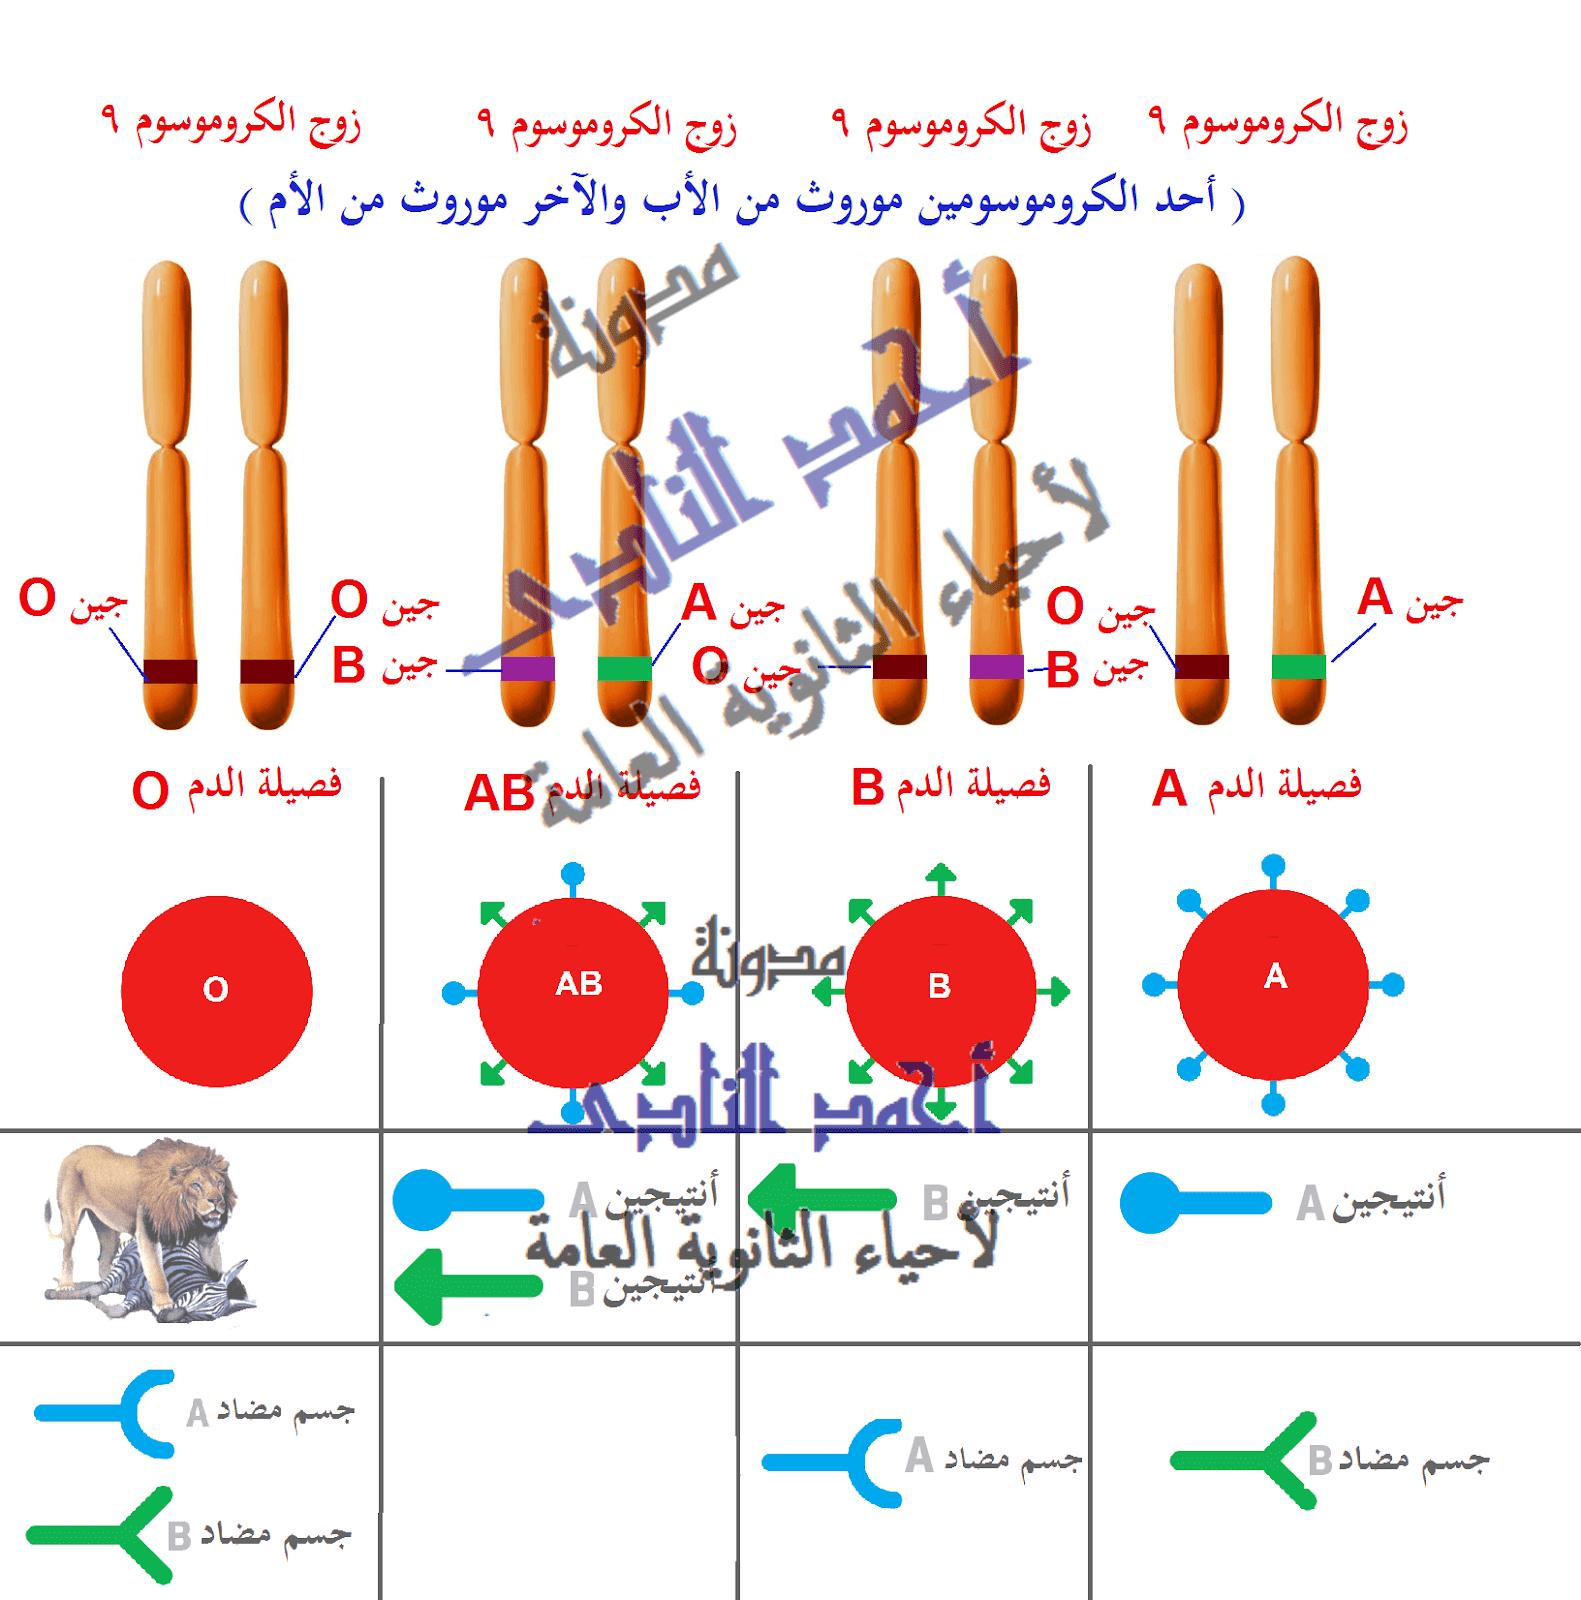 فك شفرة الجينوم البشرى GENOME   -  الحمض النووى DNA  - فصائل الدم - أحياء الثانوية العامة – مدونة أحمد النادى